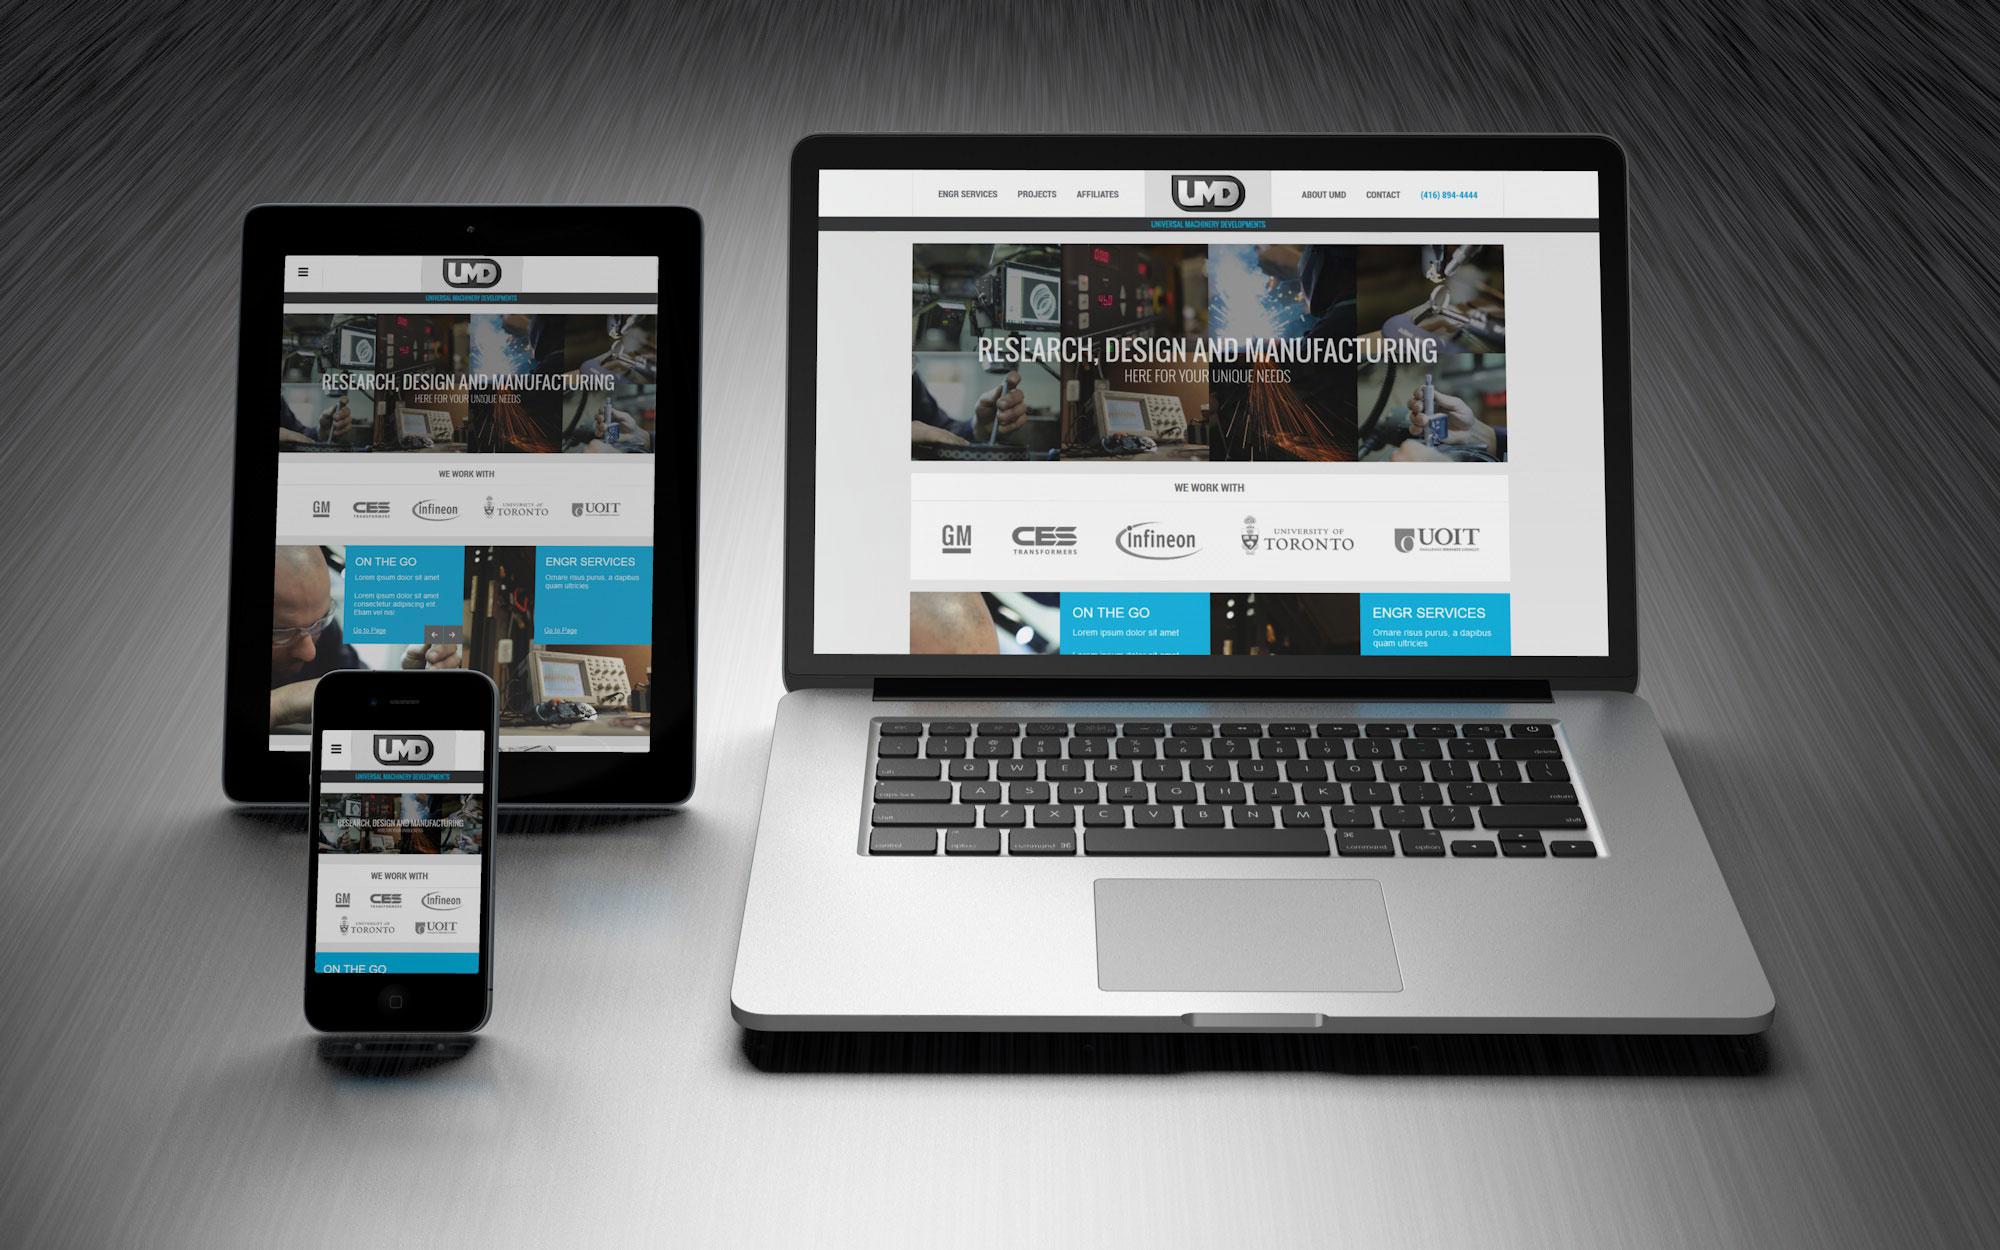 UMD-web